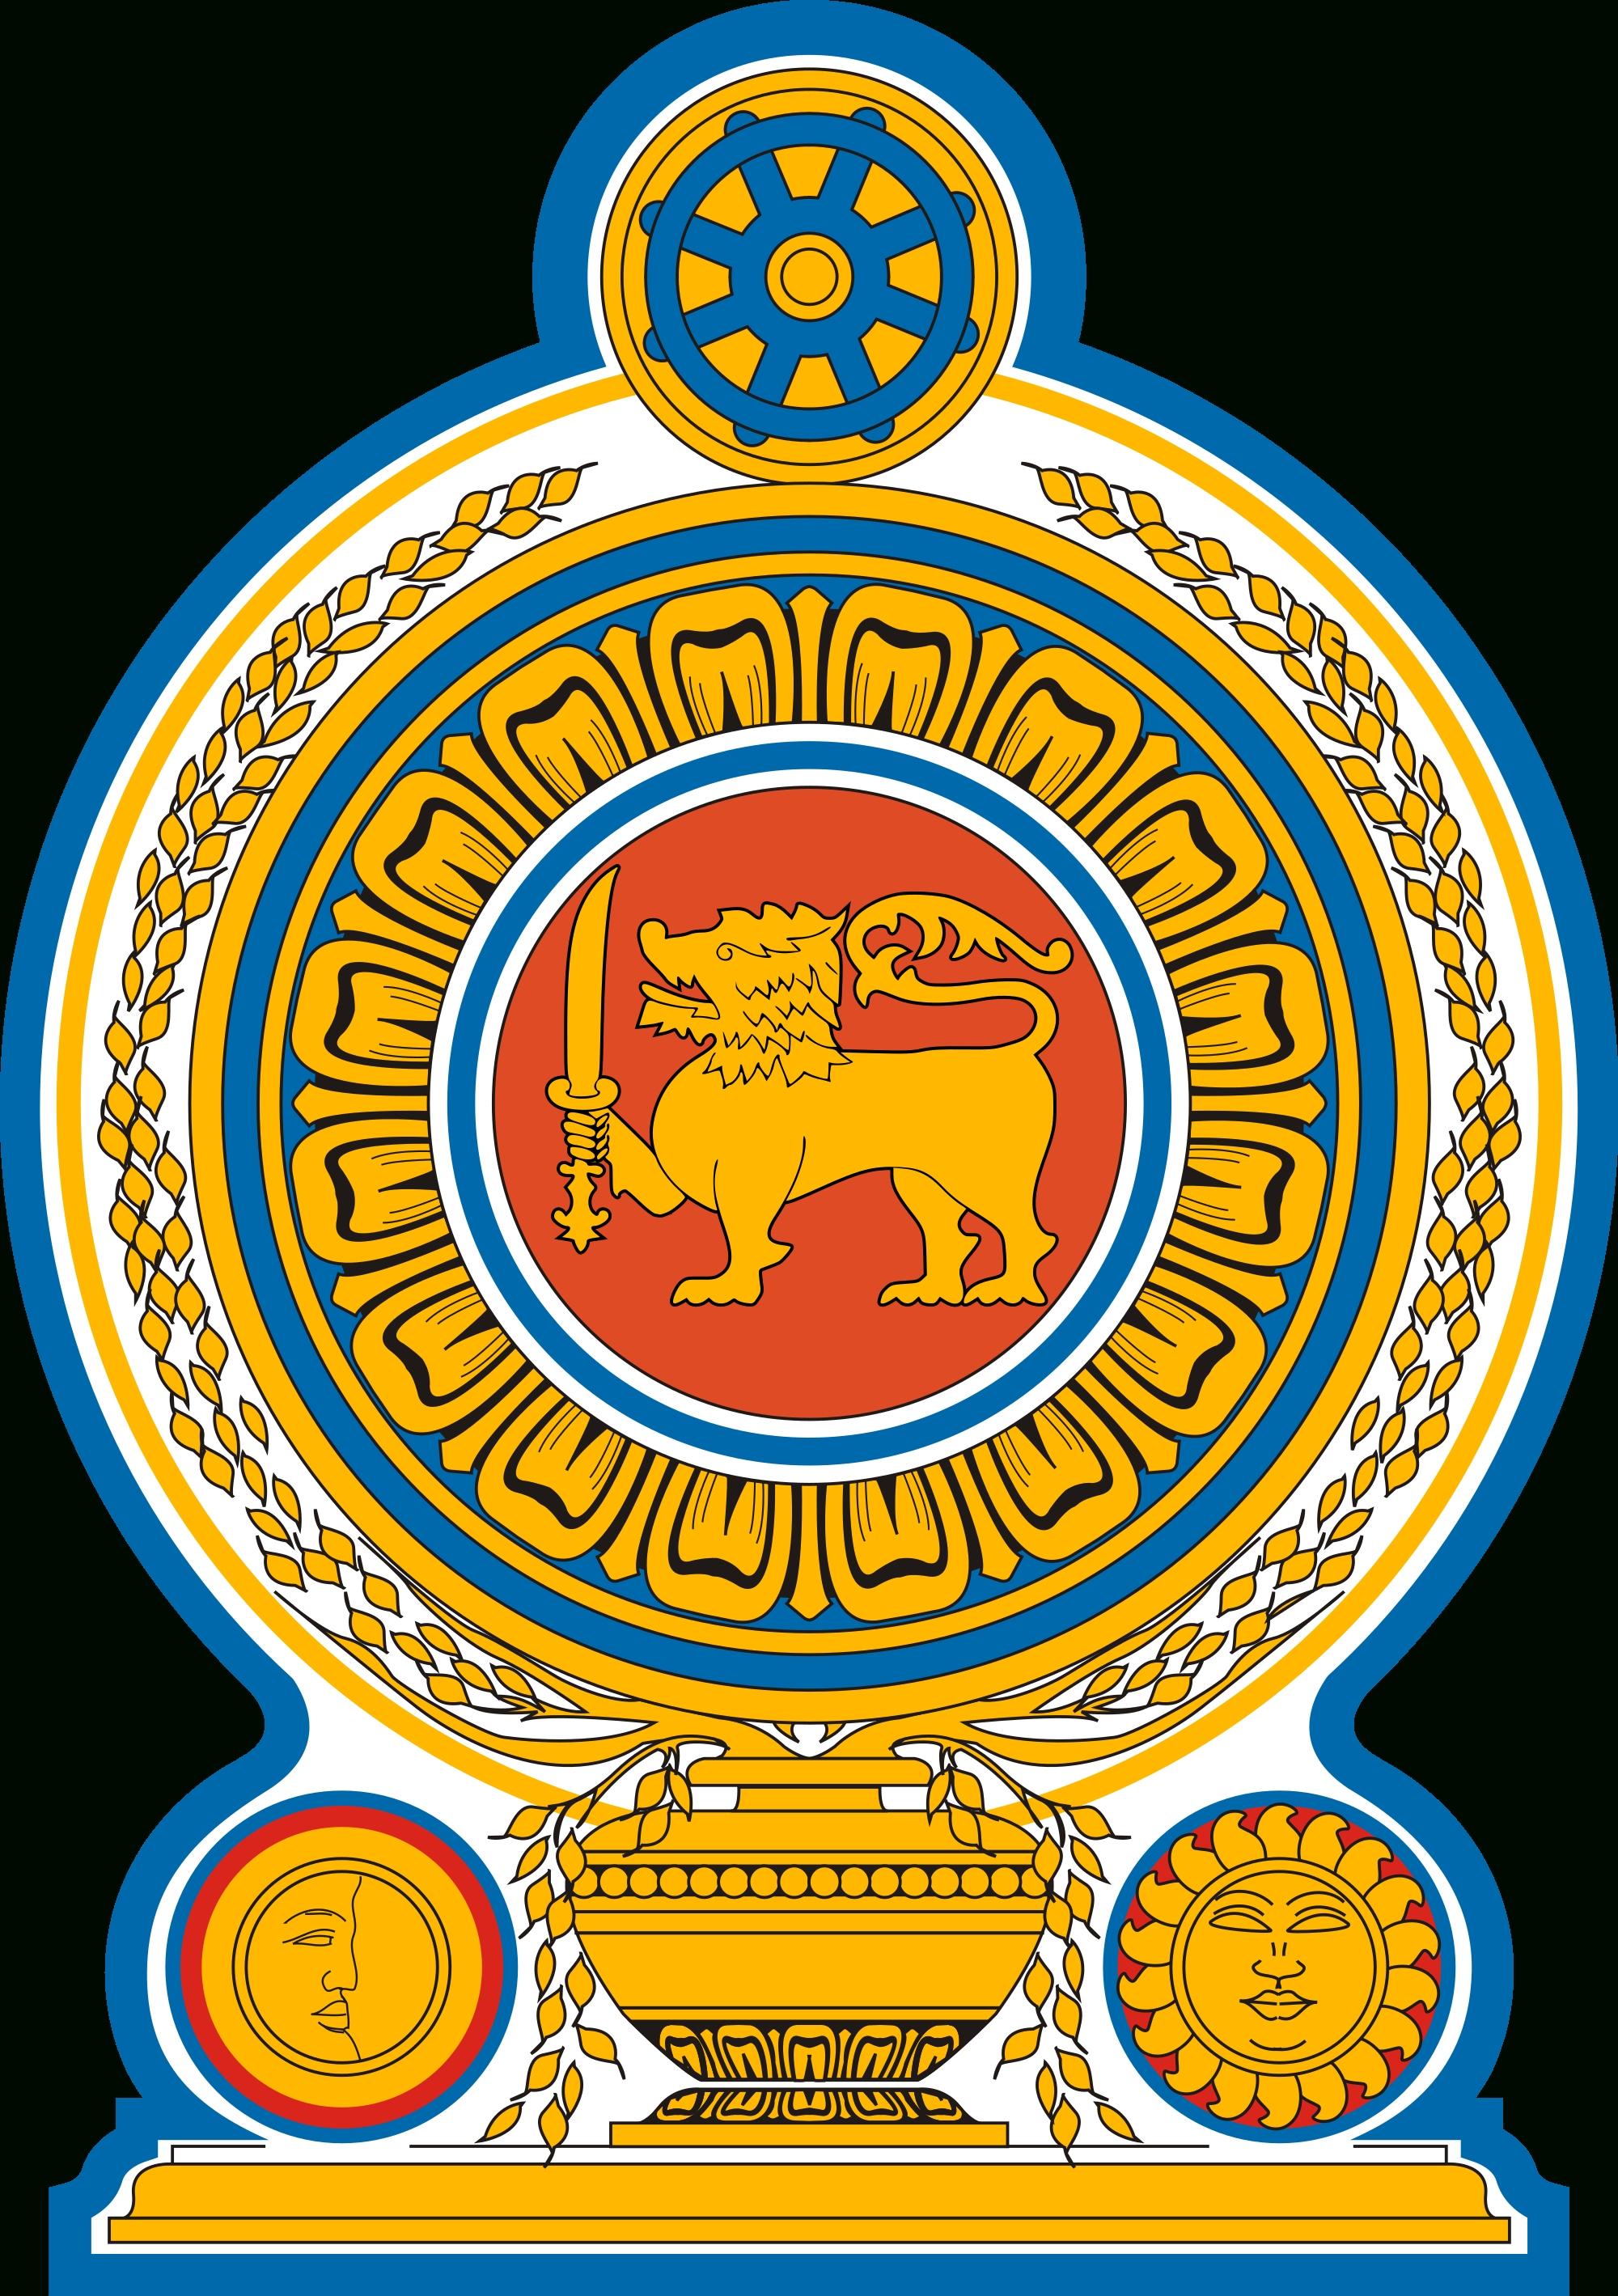 Parliament Of Sri Lanka - Wikipedia  18 August 1987 In Sri Lanka